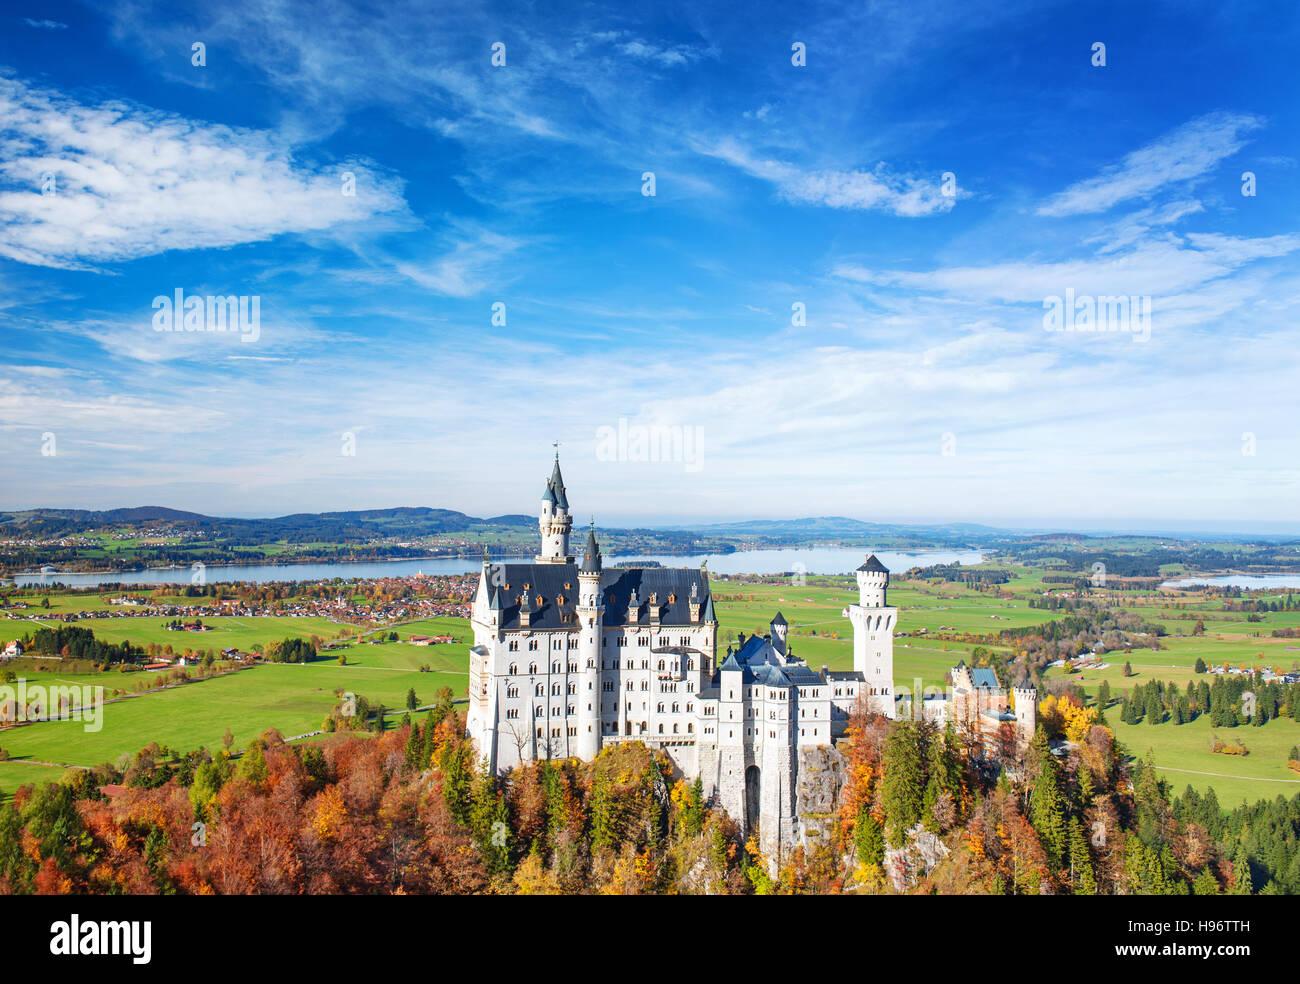 Le château de Neuschwanstein en automne. Vue de l'Allemagne et de la Bavière. Beau paysage allemand Photo Stock